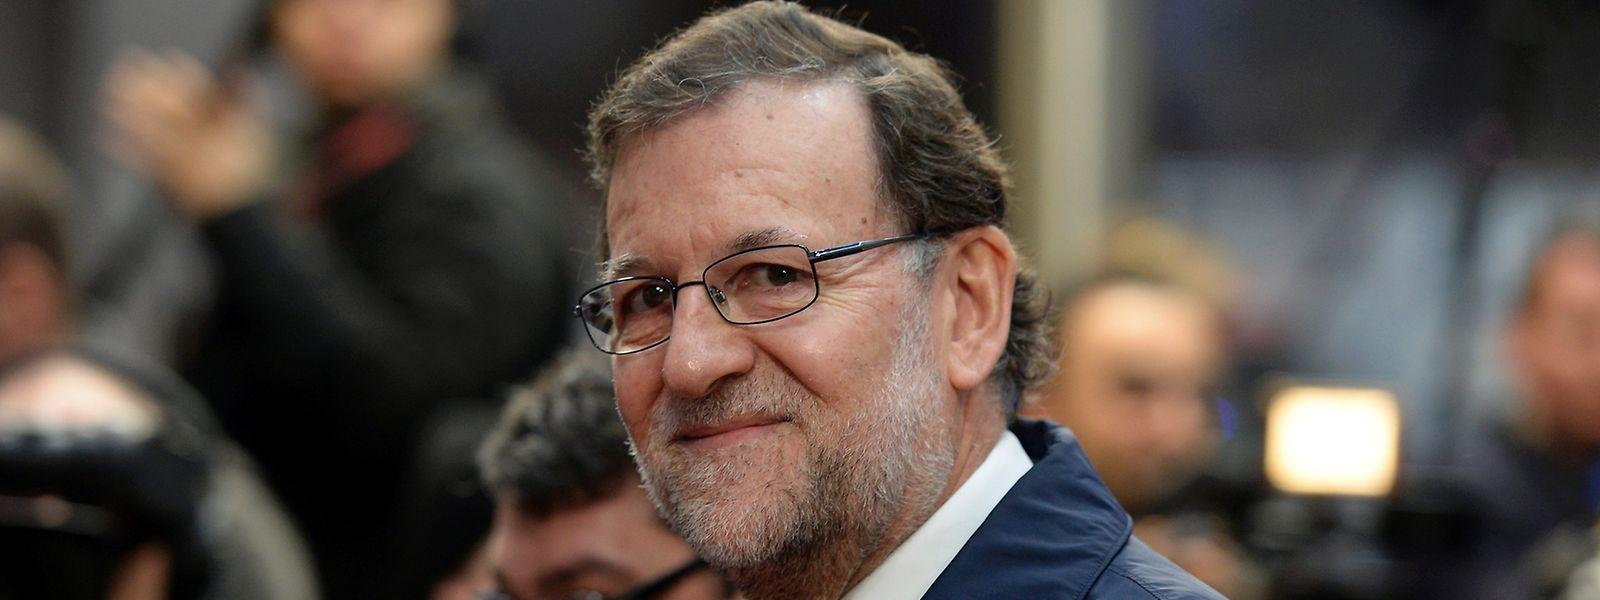 Die Partei von Mariano Rajoy wird den Umfragen zufolge bei den Wahlen die stärkste Kraft. Doch ist unklar, ob Rajoy seinen Posten als Ministerpräsident behalten kann.